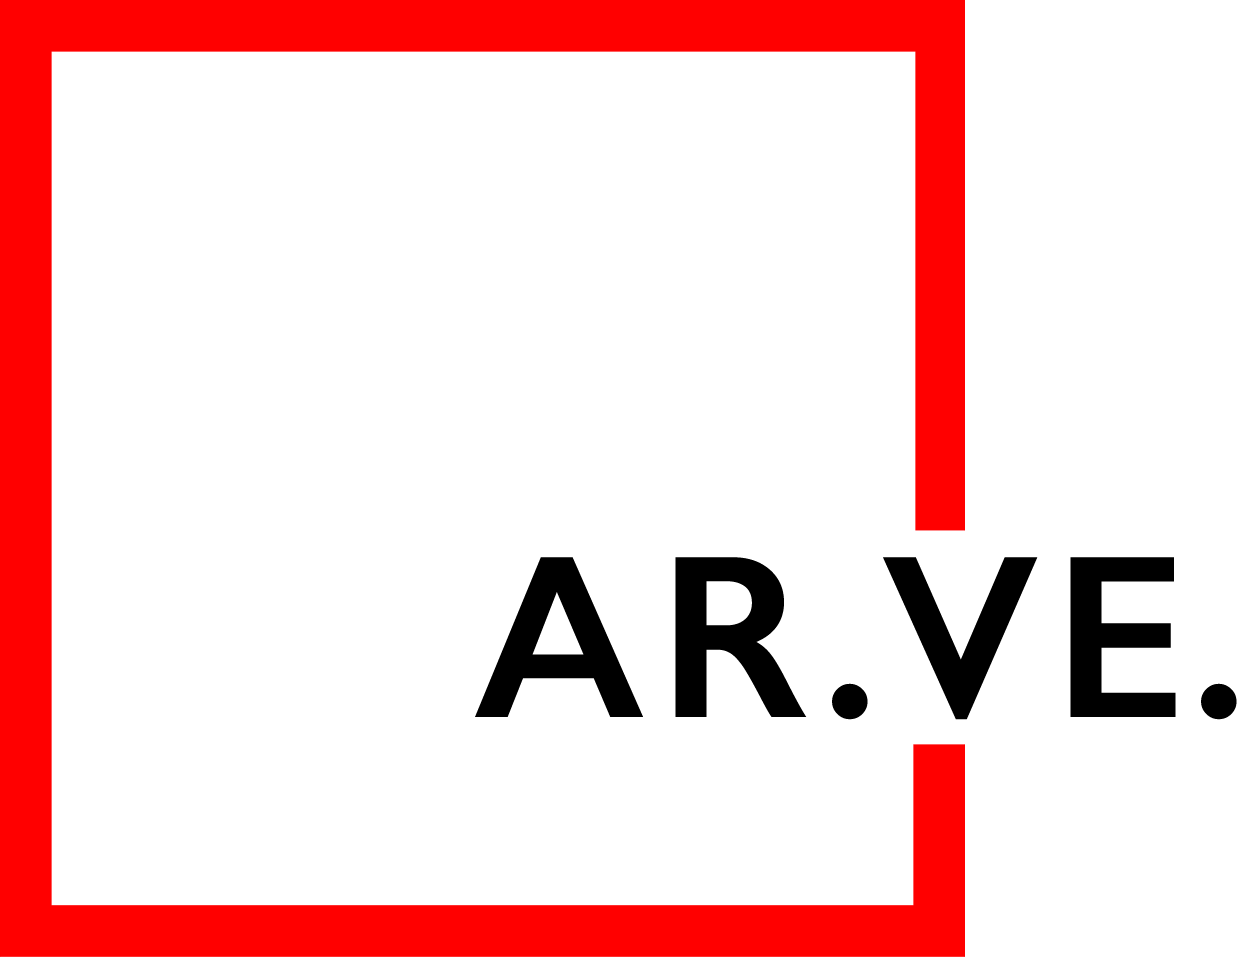 arve_logo.png